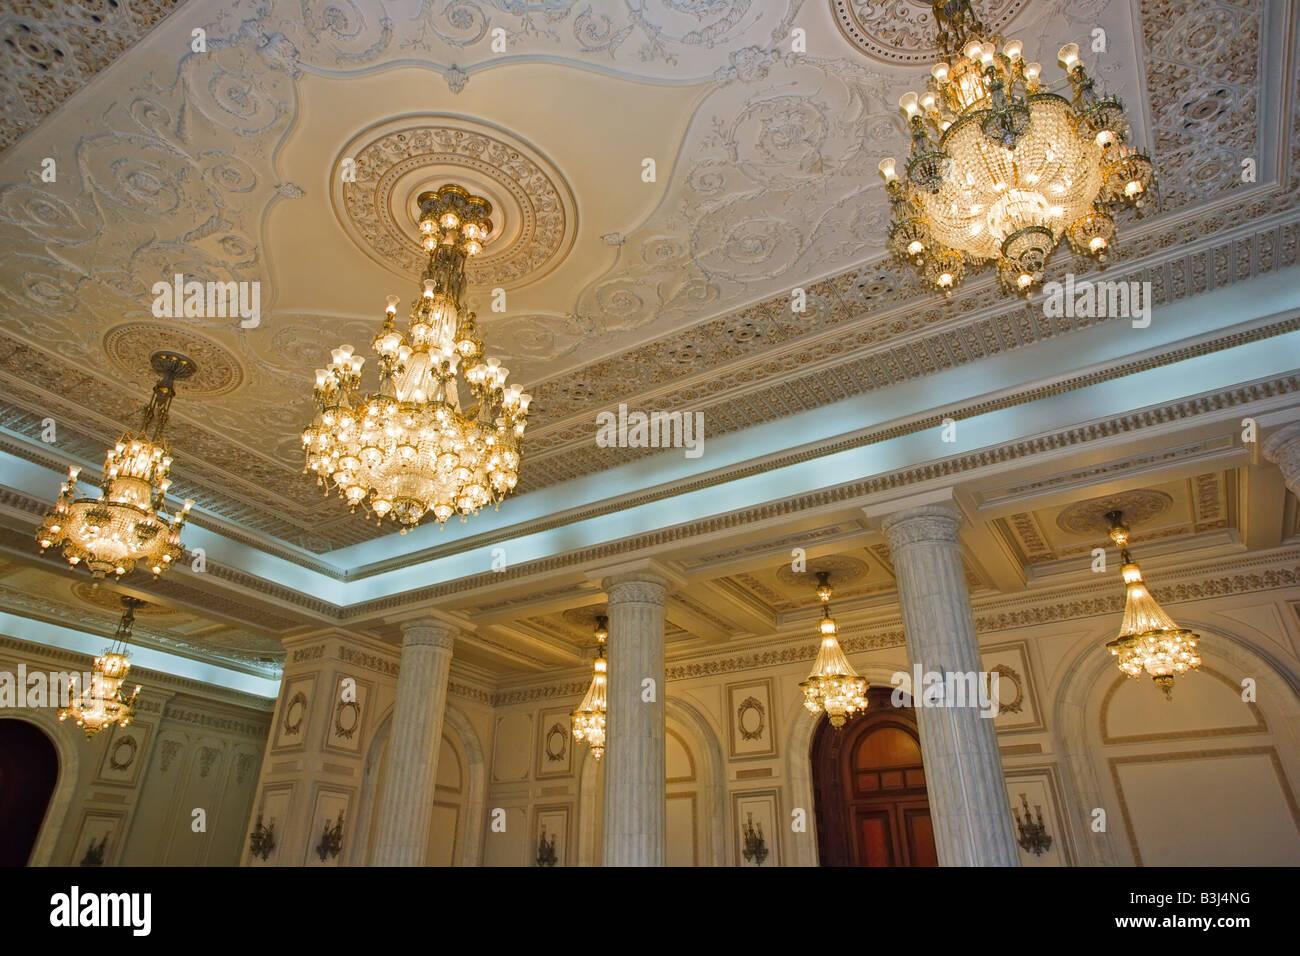 Kronleuchter Klein Kristall ~ Luxuriöse decke mit kristall kronleuchter in bukarest ceausescu